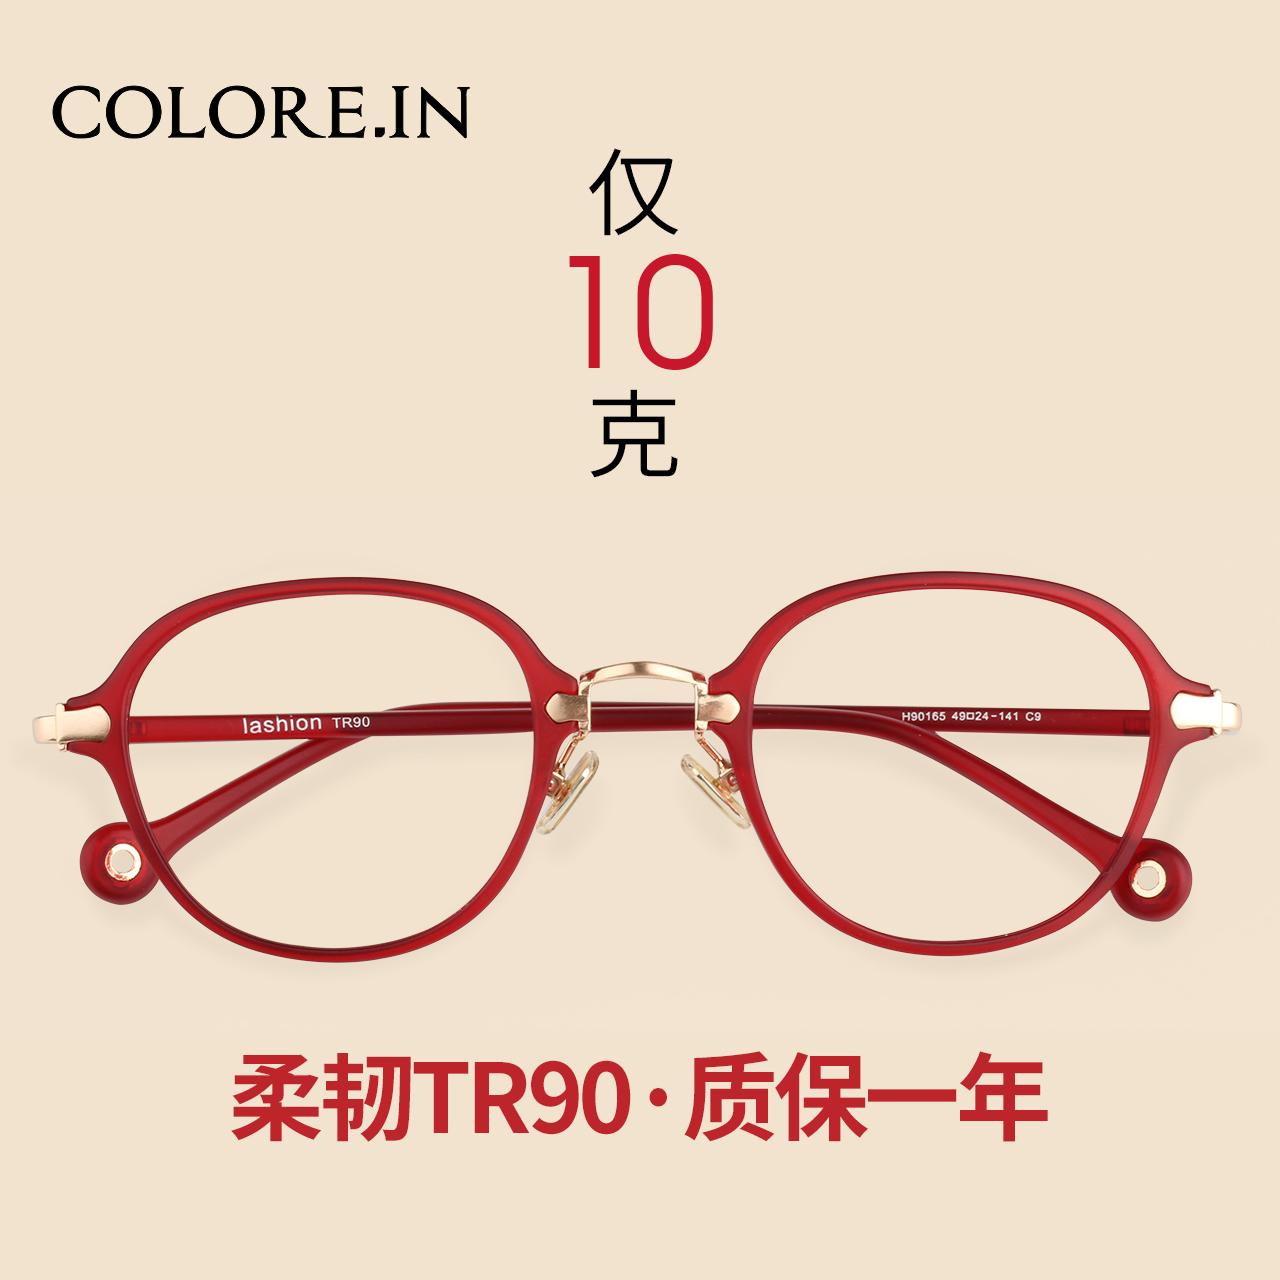 眼镜框女素颜韩版潮复古原宿风超轻眼镜近视配平光眼镜圆框眼镜架